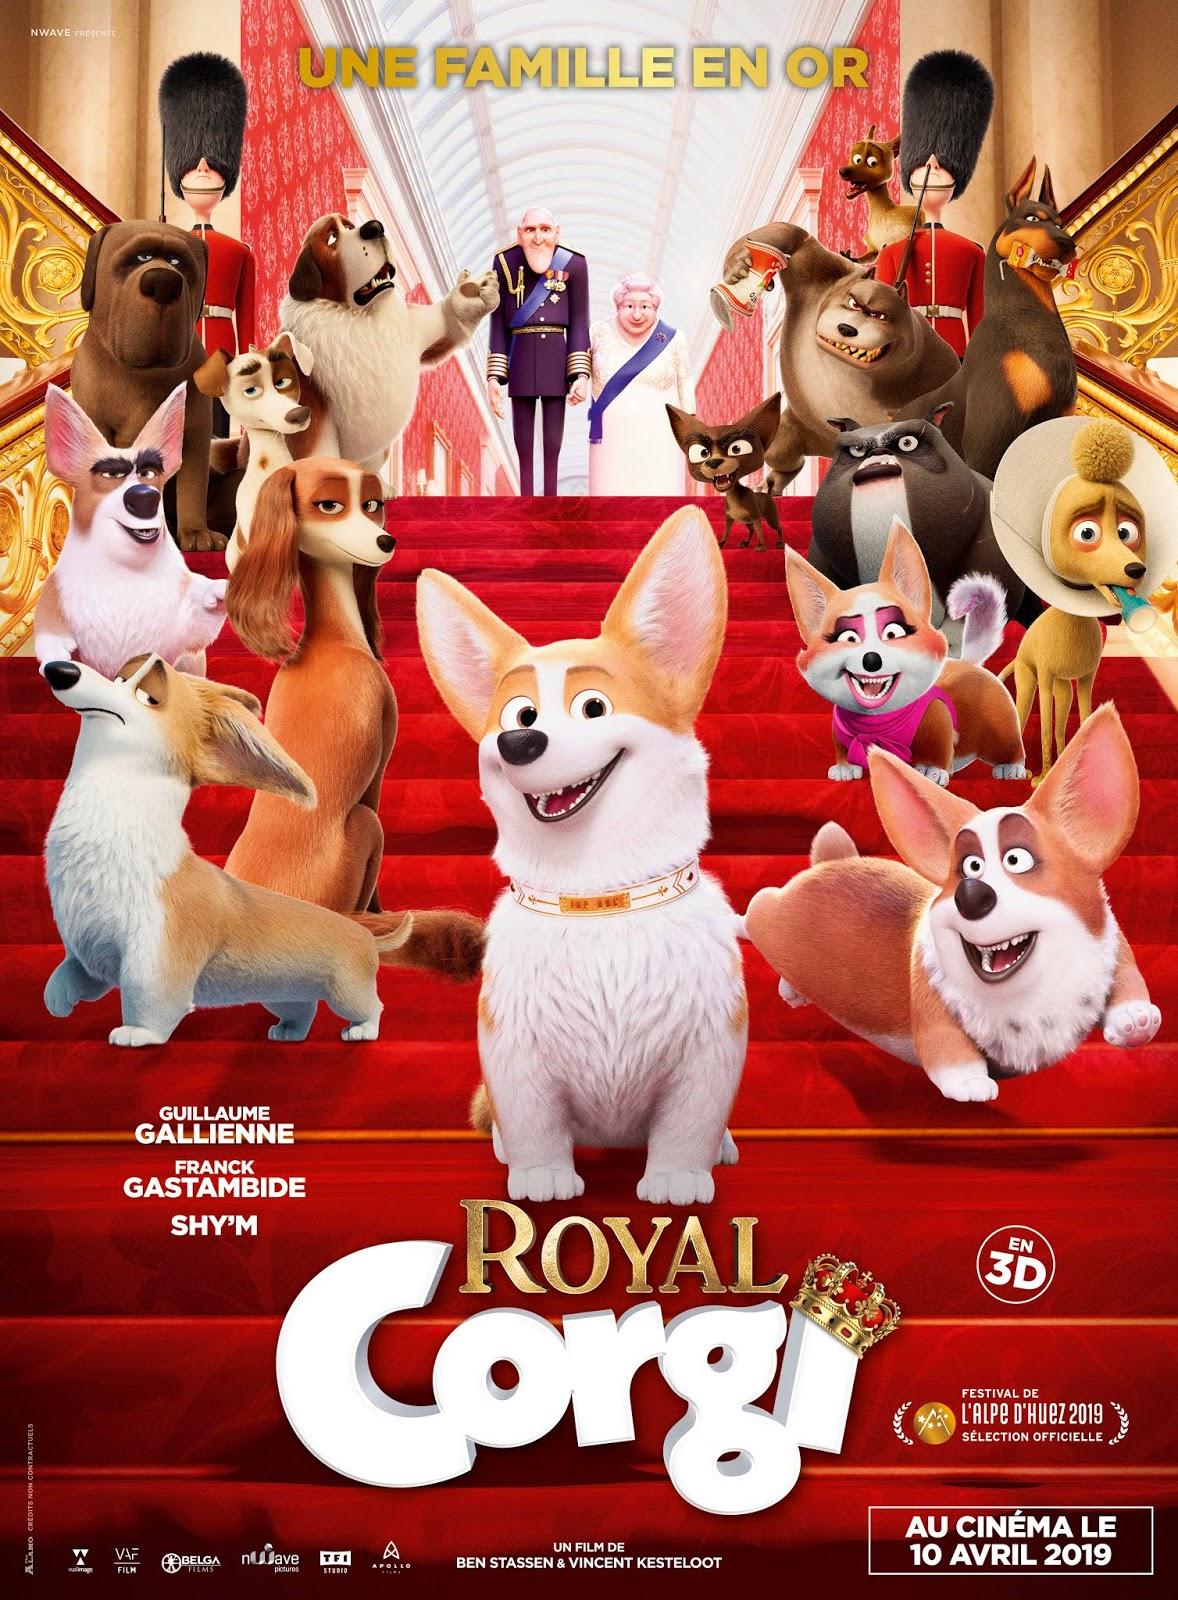 25c101e61973 Les enfants - et les grands - vont être une de nouvelle fois gâtés avec un  nouveau film d'animation qui débarque sur les écrans le 10 avril prochain.